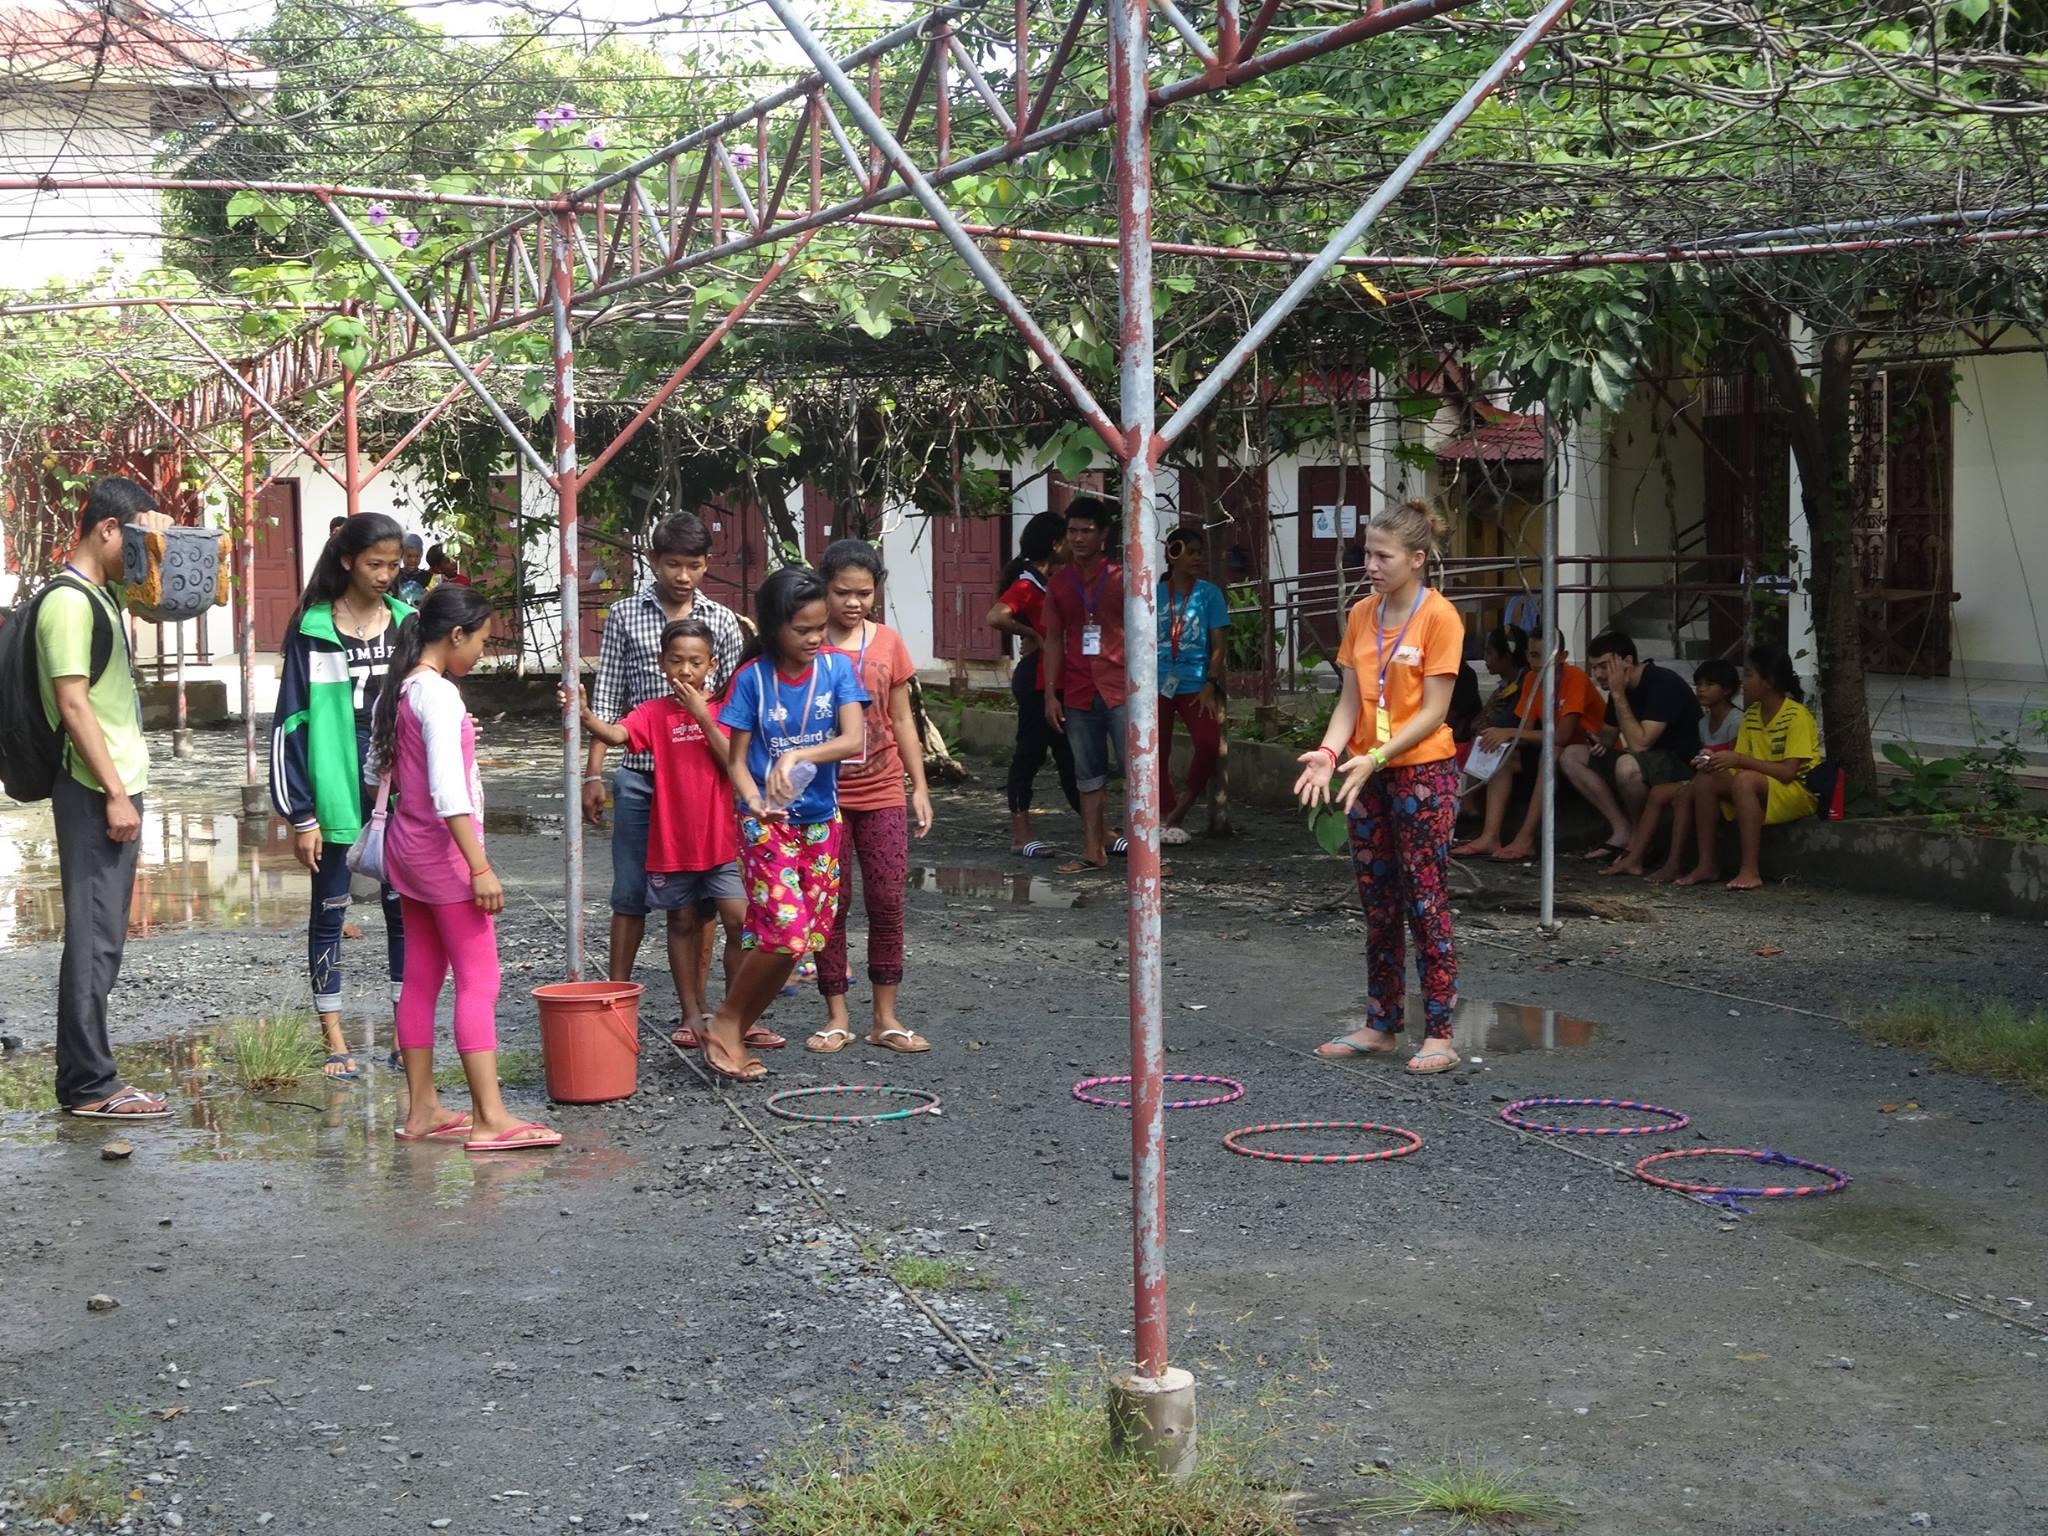 Les enfants profitent du weekend pour faire plein de jeux